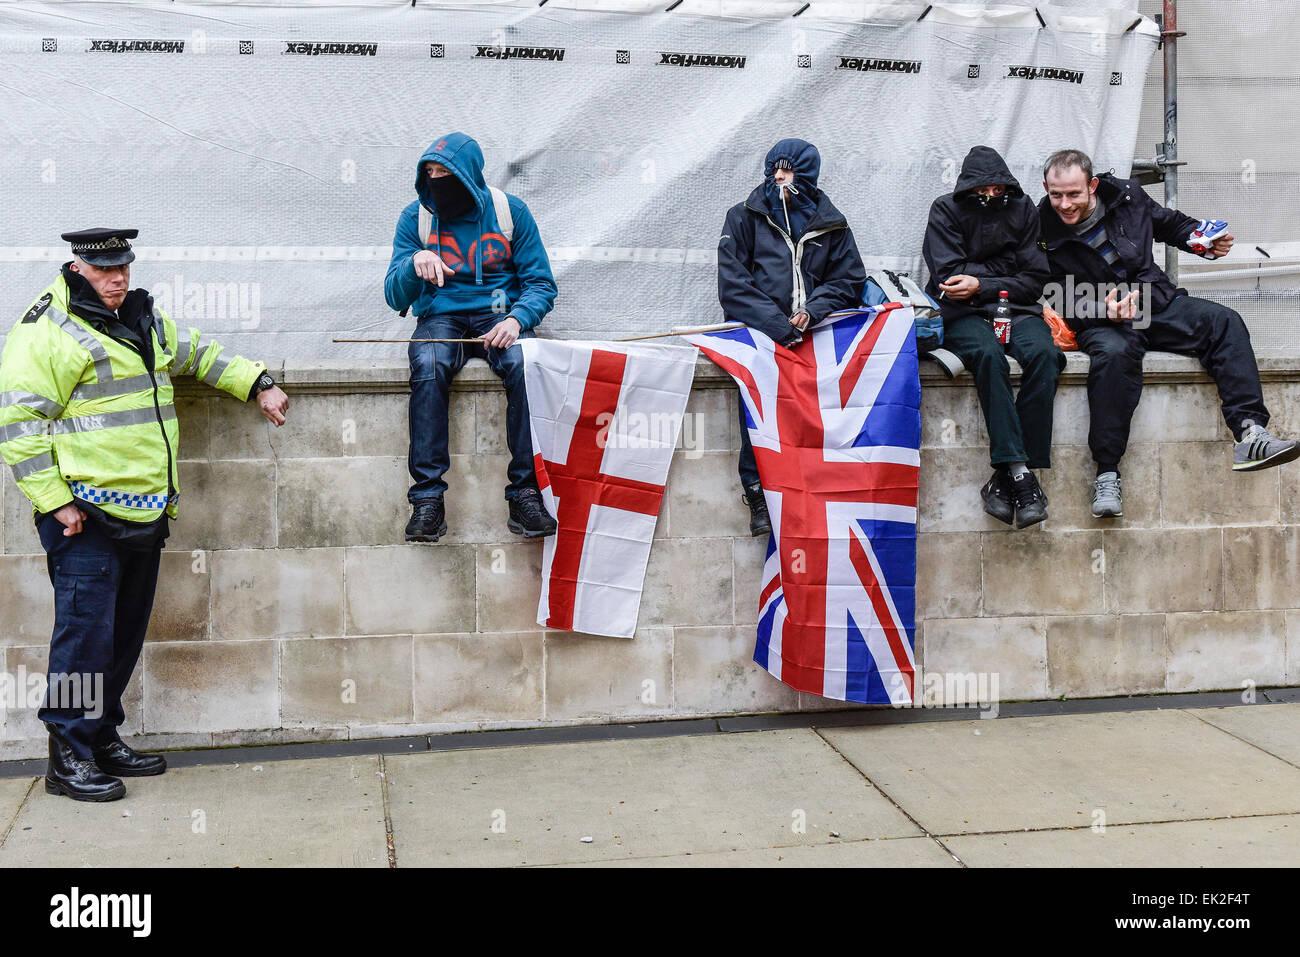 Anhänger der pergida in Whitehall. Stockbild